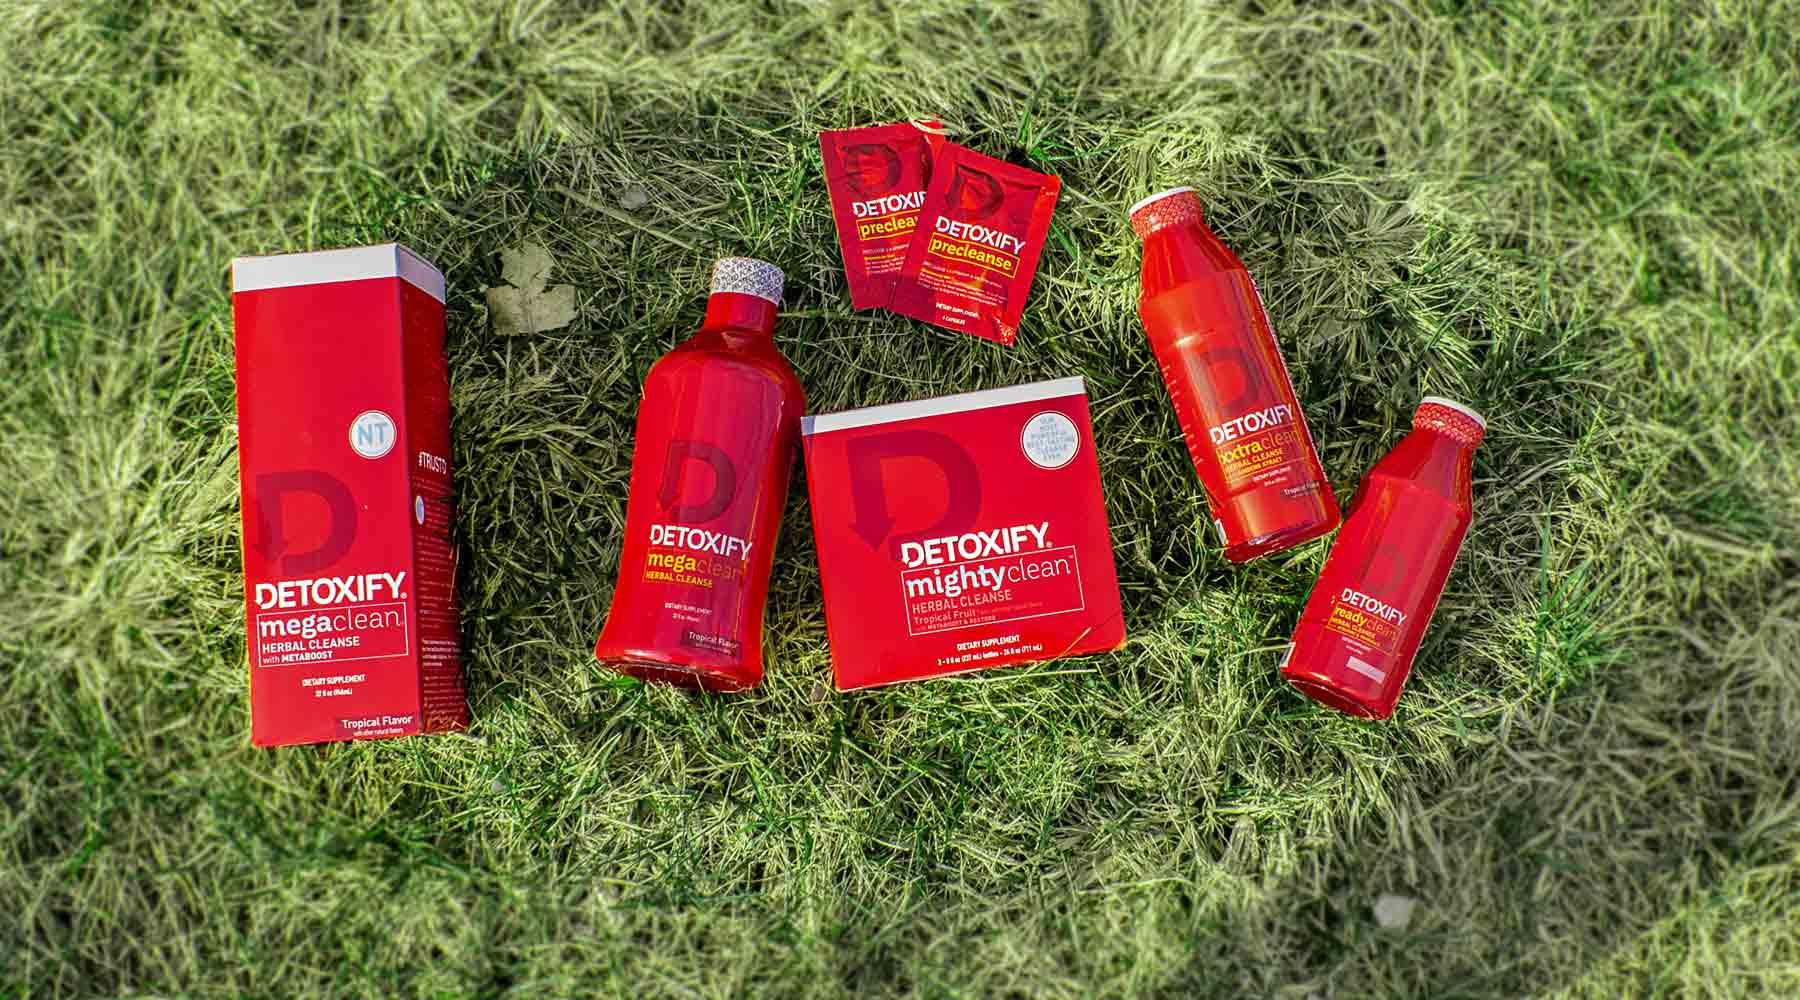 Detox from all toxins - Full body detox  - Detoxify